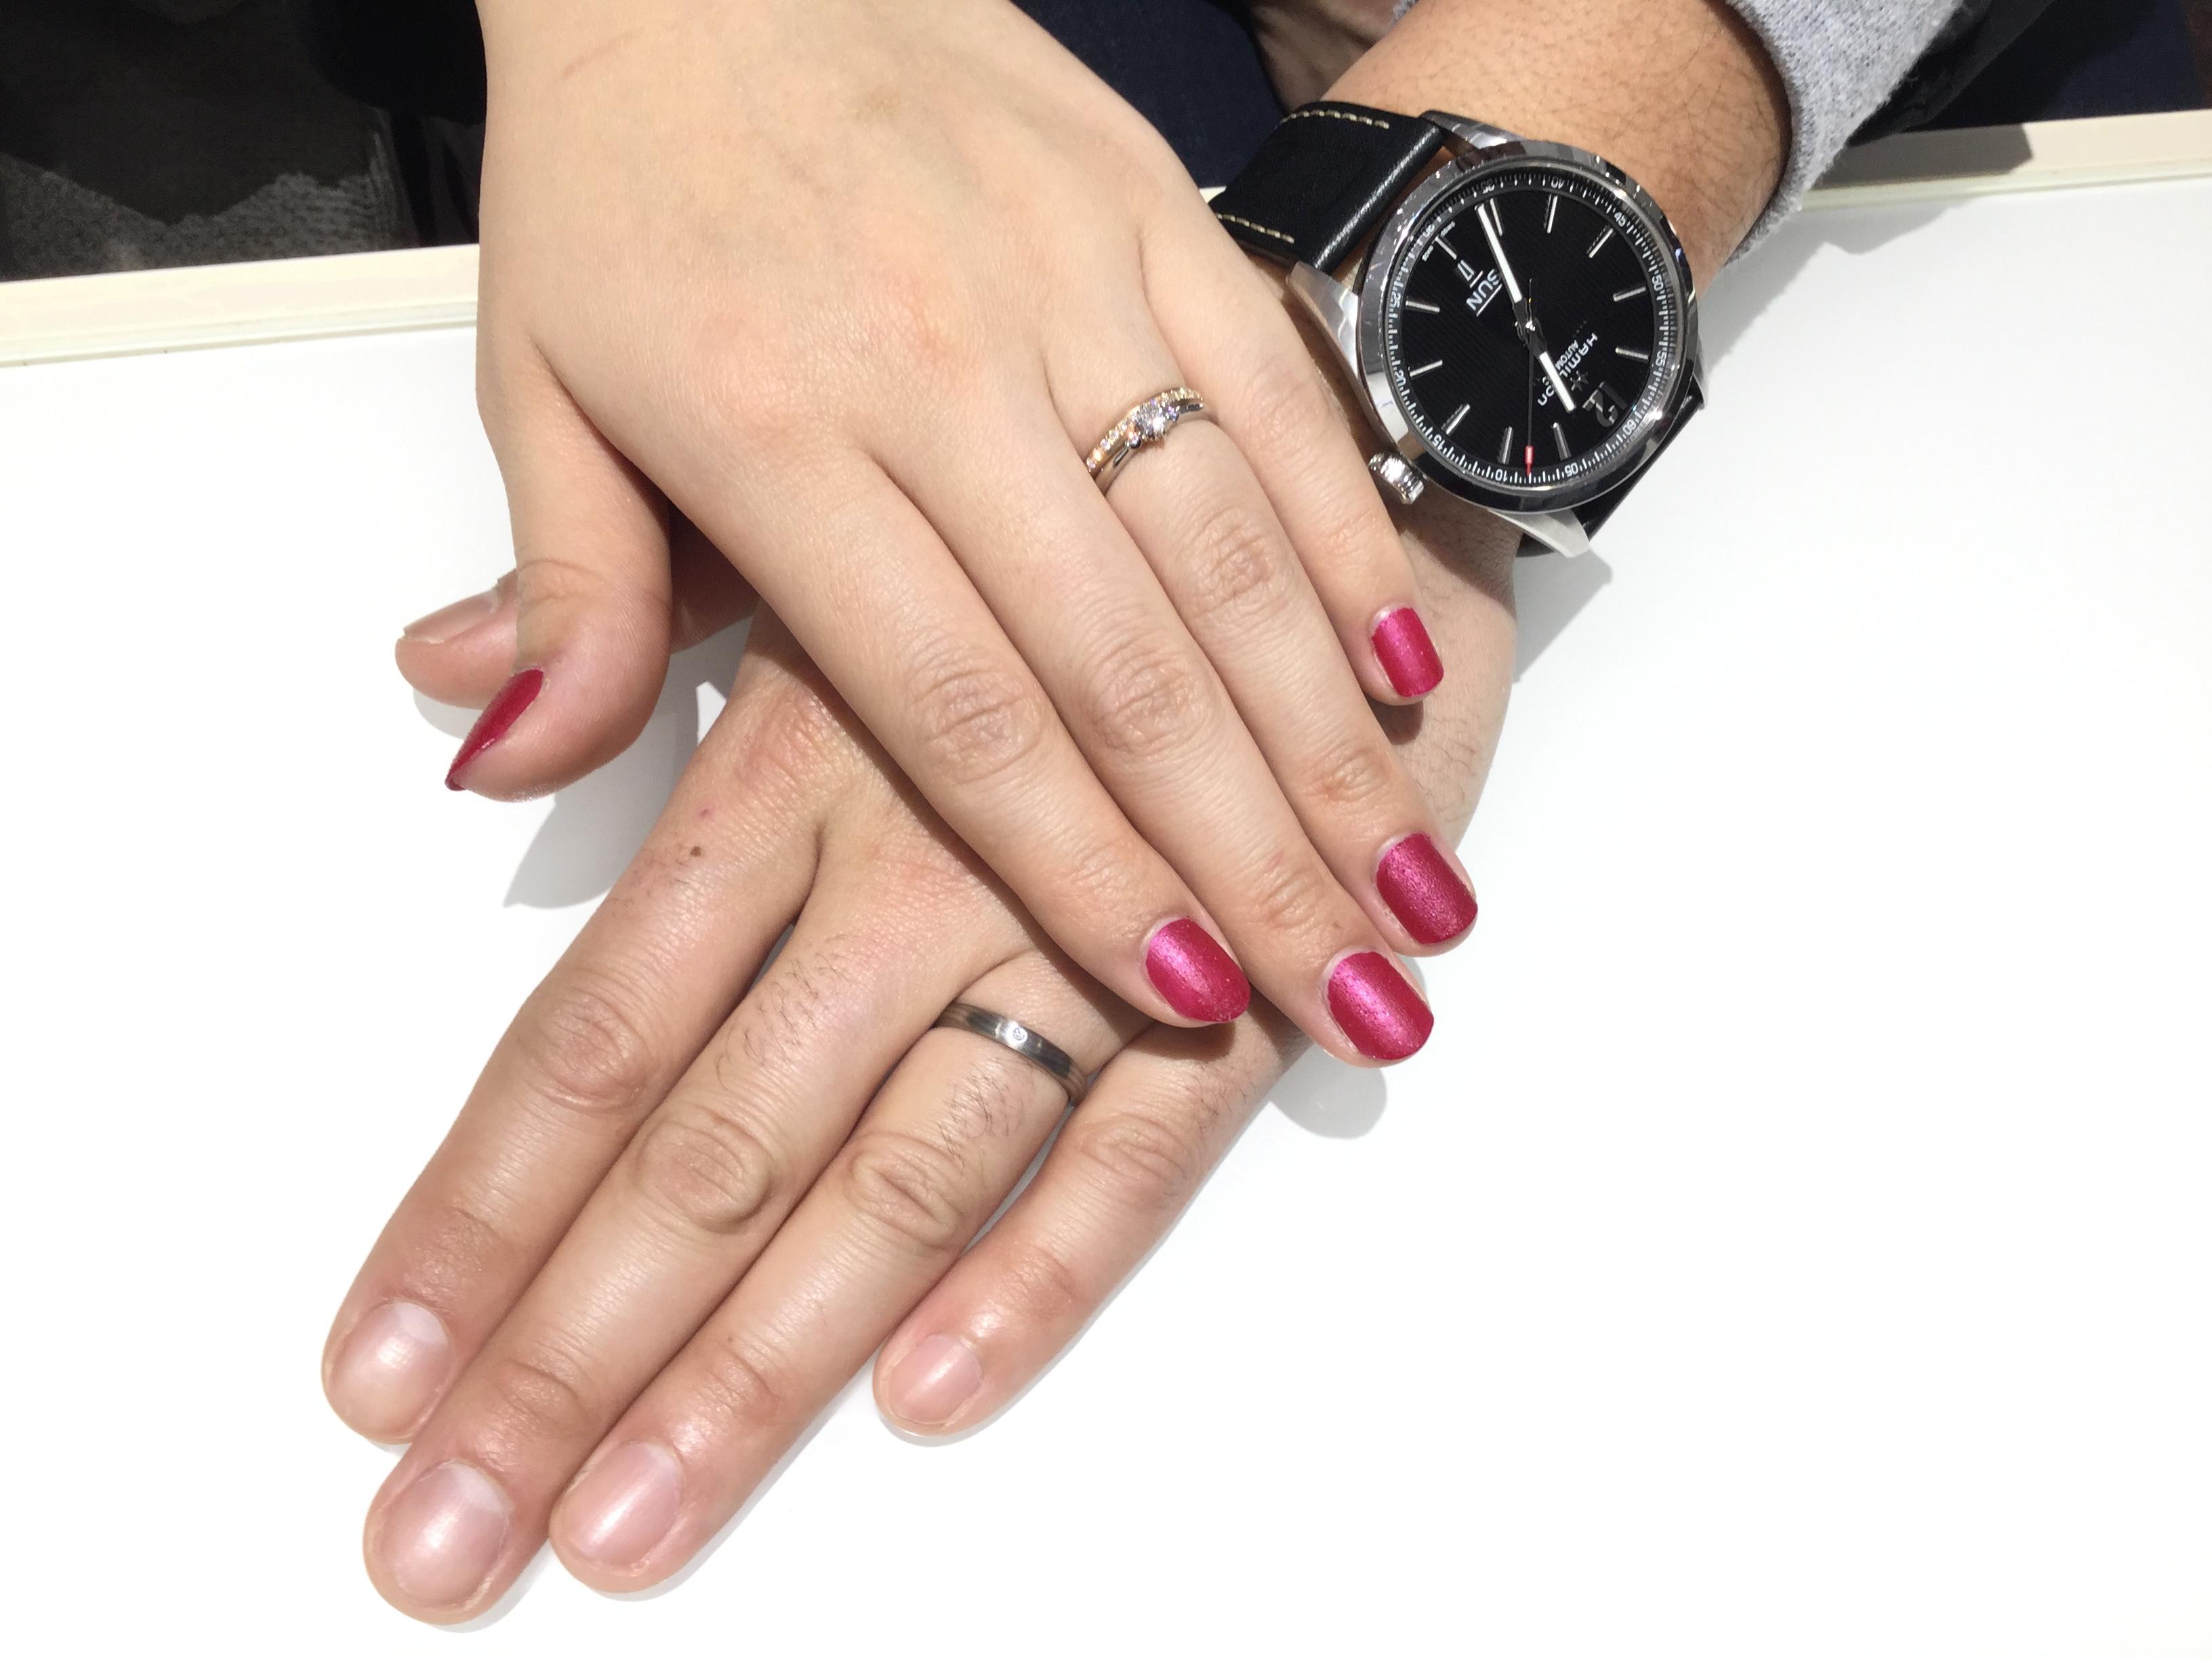 【婚約指輪・結婚指輪】ルシエ「セリーン」&俄(にわか)「長閑」をご成約/渡辺聡様&実穂子様